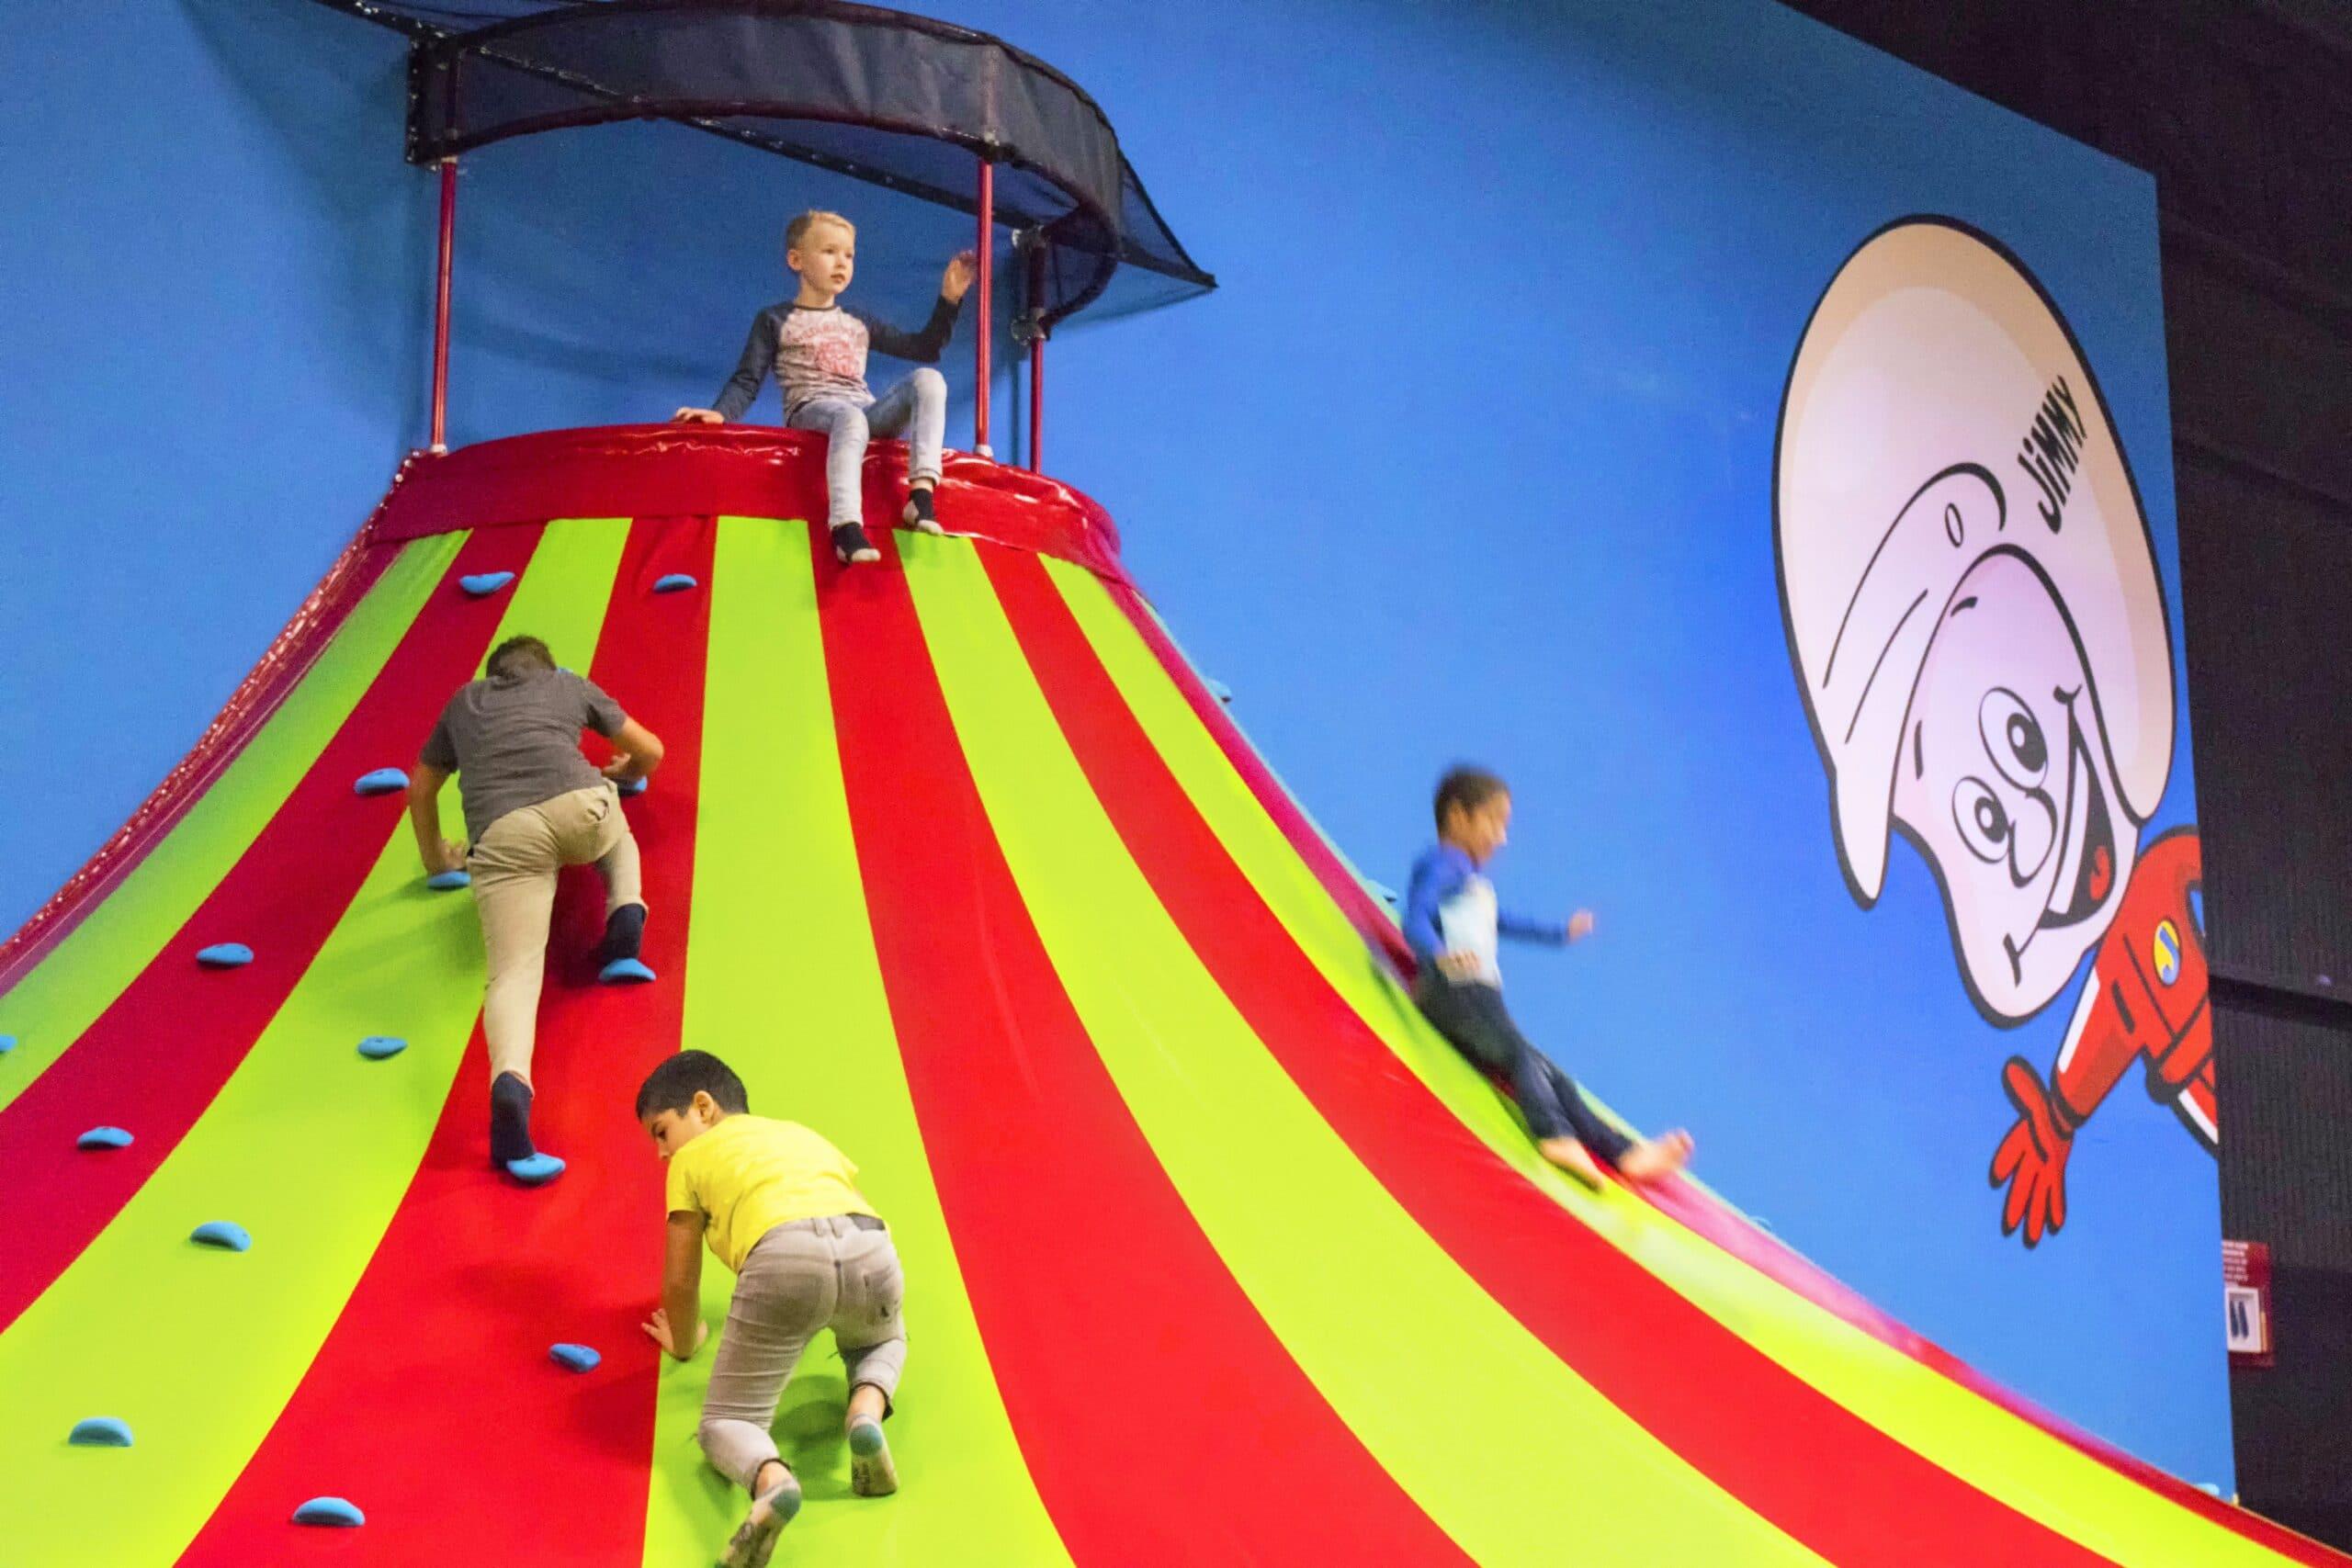 Kinderen spelen in Jimmy's Speelparadijs bij Race Planet Amsterdam op de klautertoren en de andere attracties voor kids.